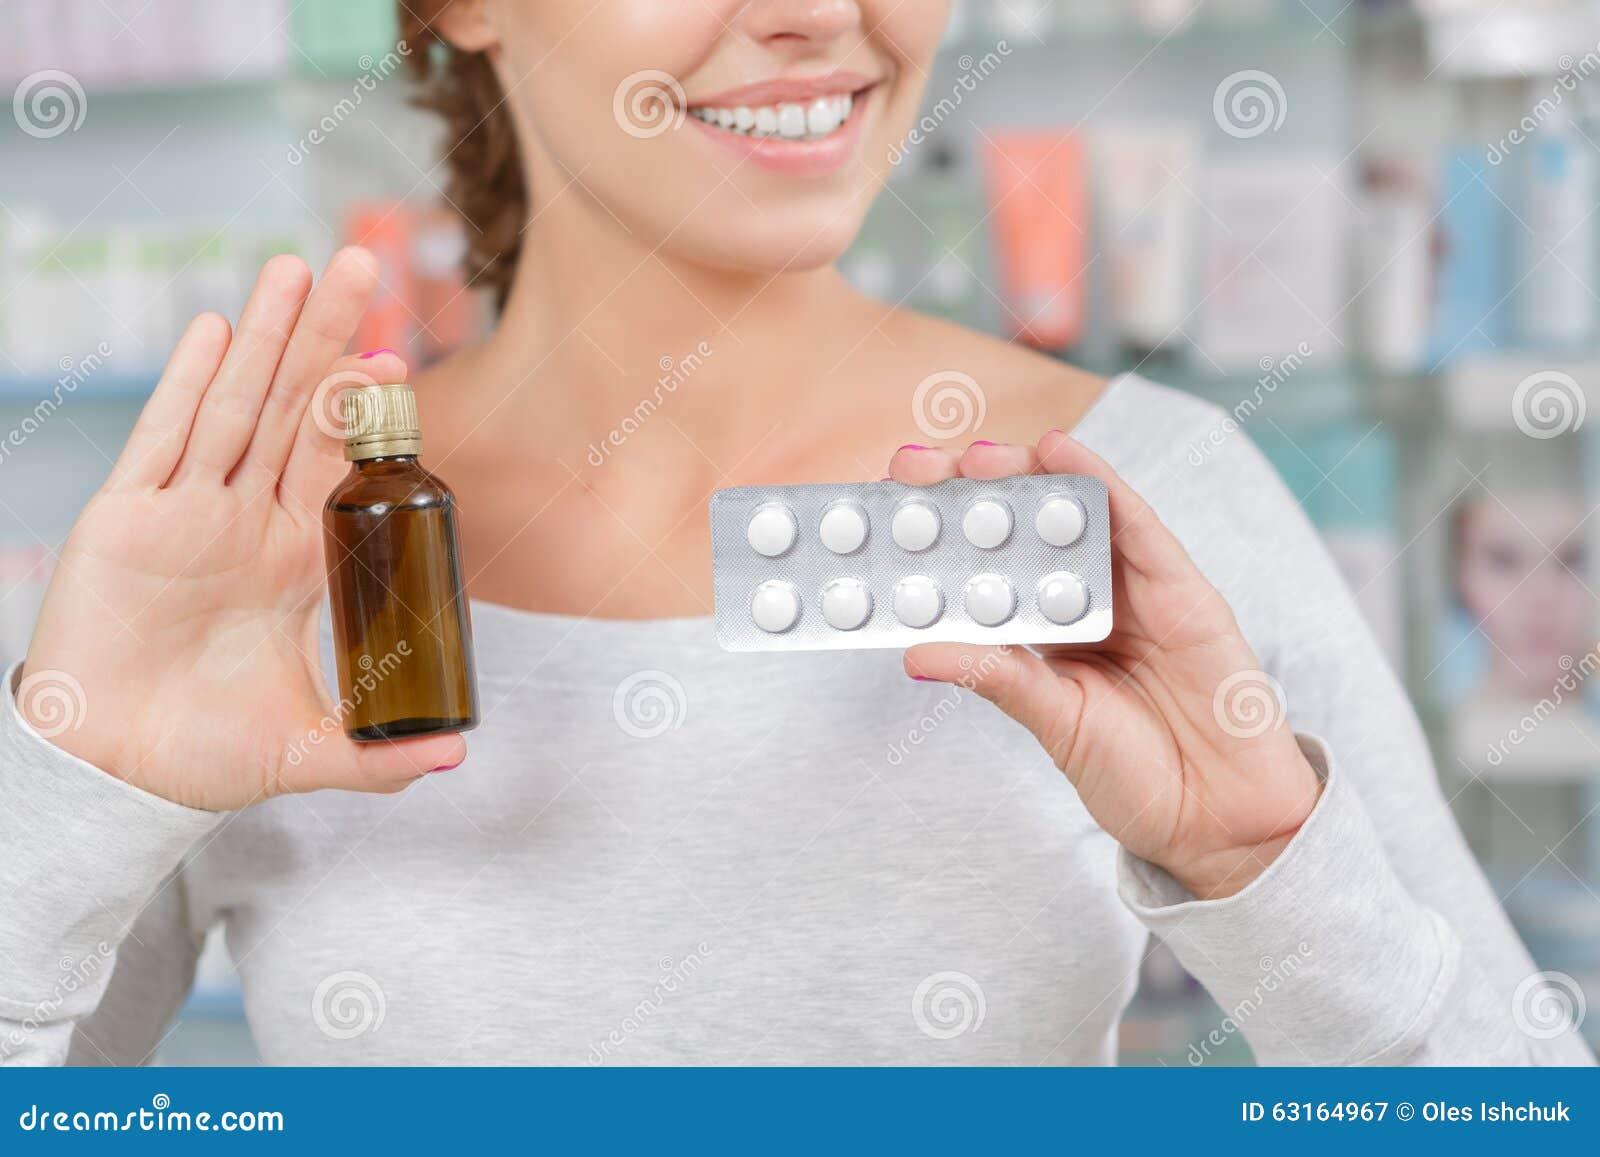 Κορίτσι που αποφασίζει τι για να αγοράσει μέσα το φαρμακείο